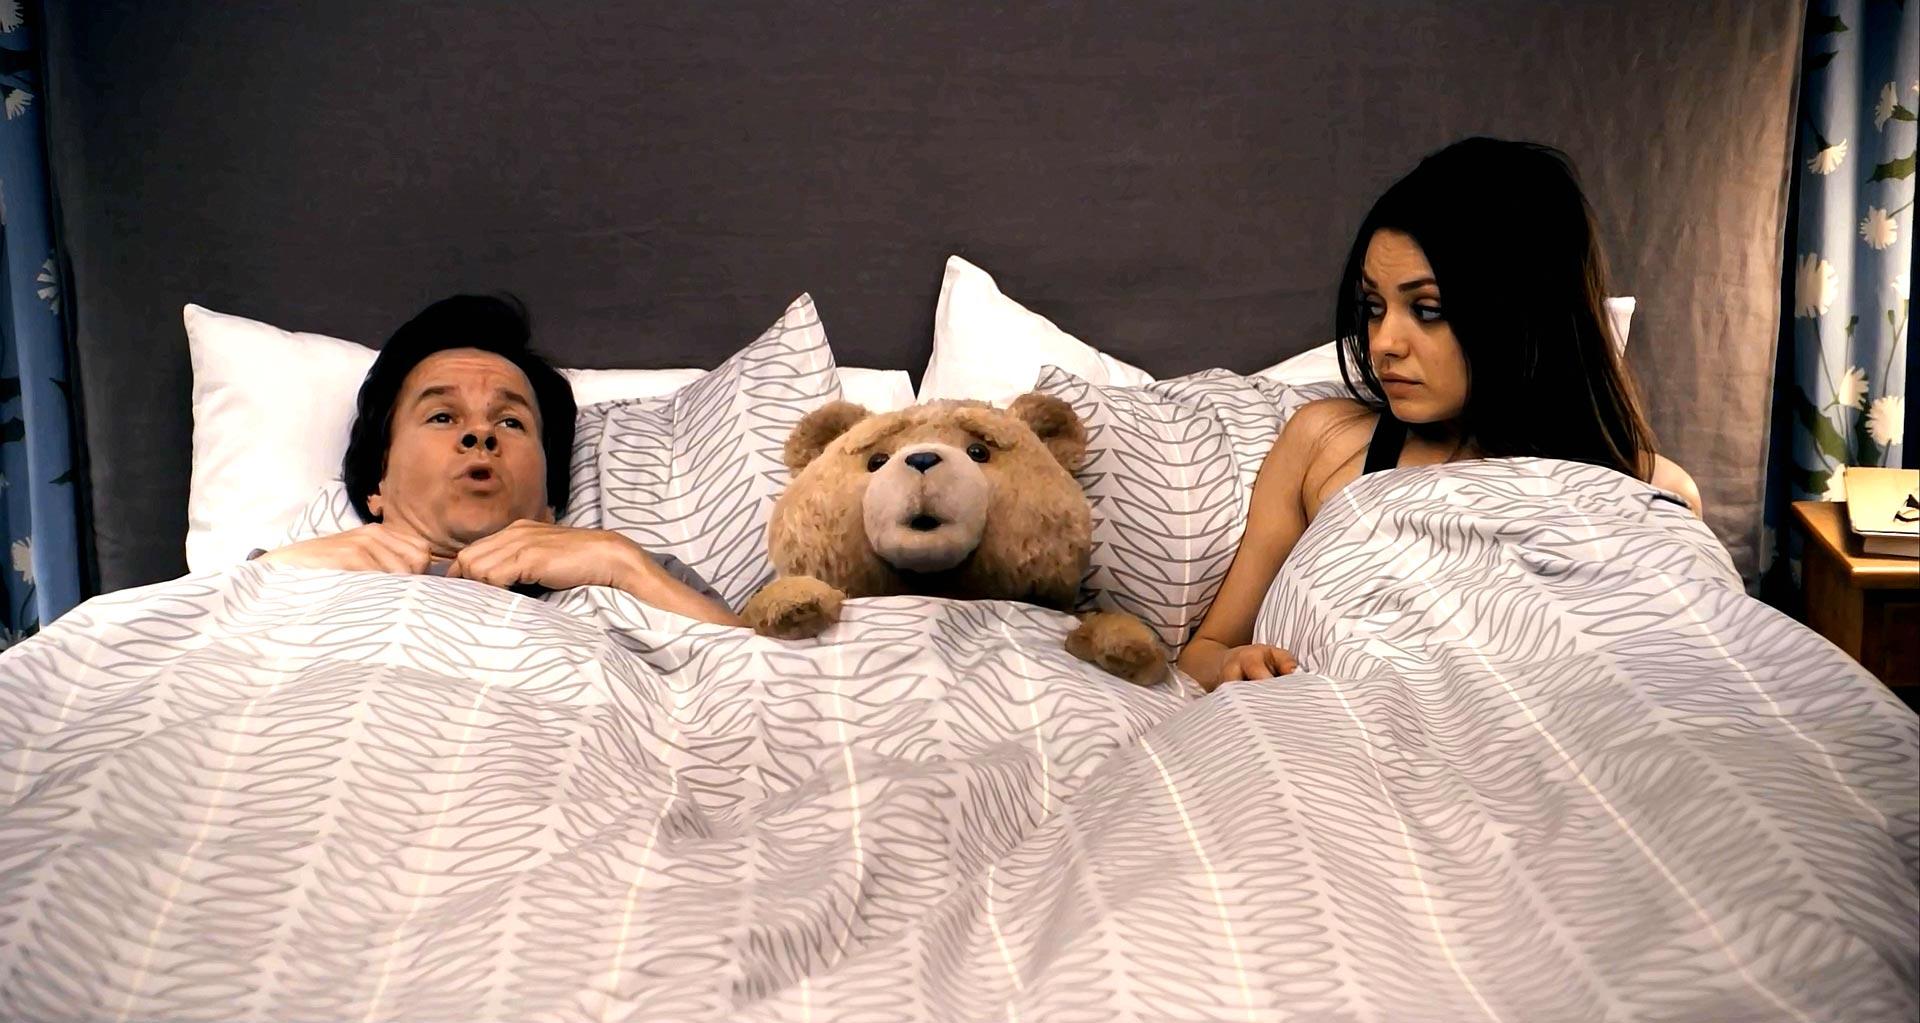 Imagenes de ted (el oso grosero)